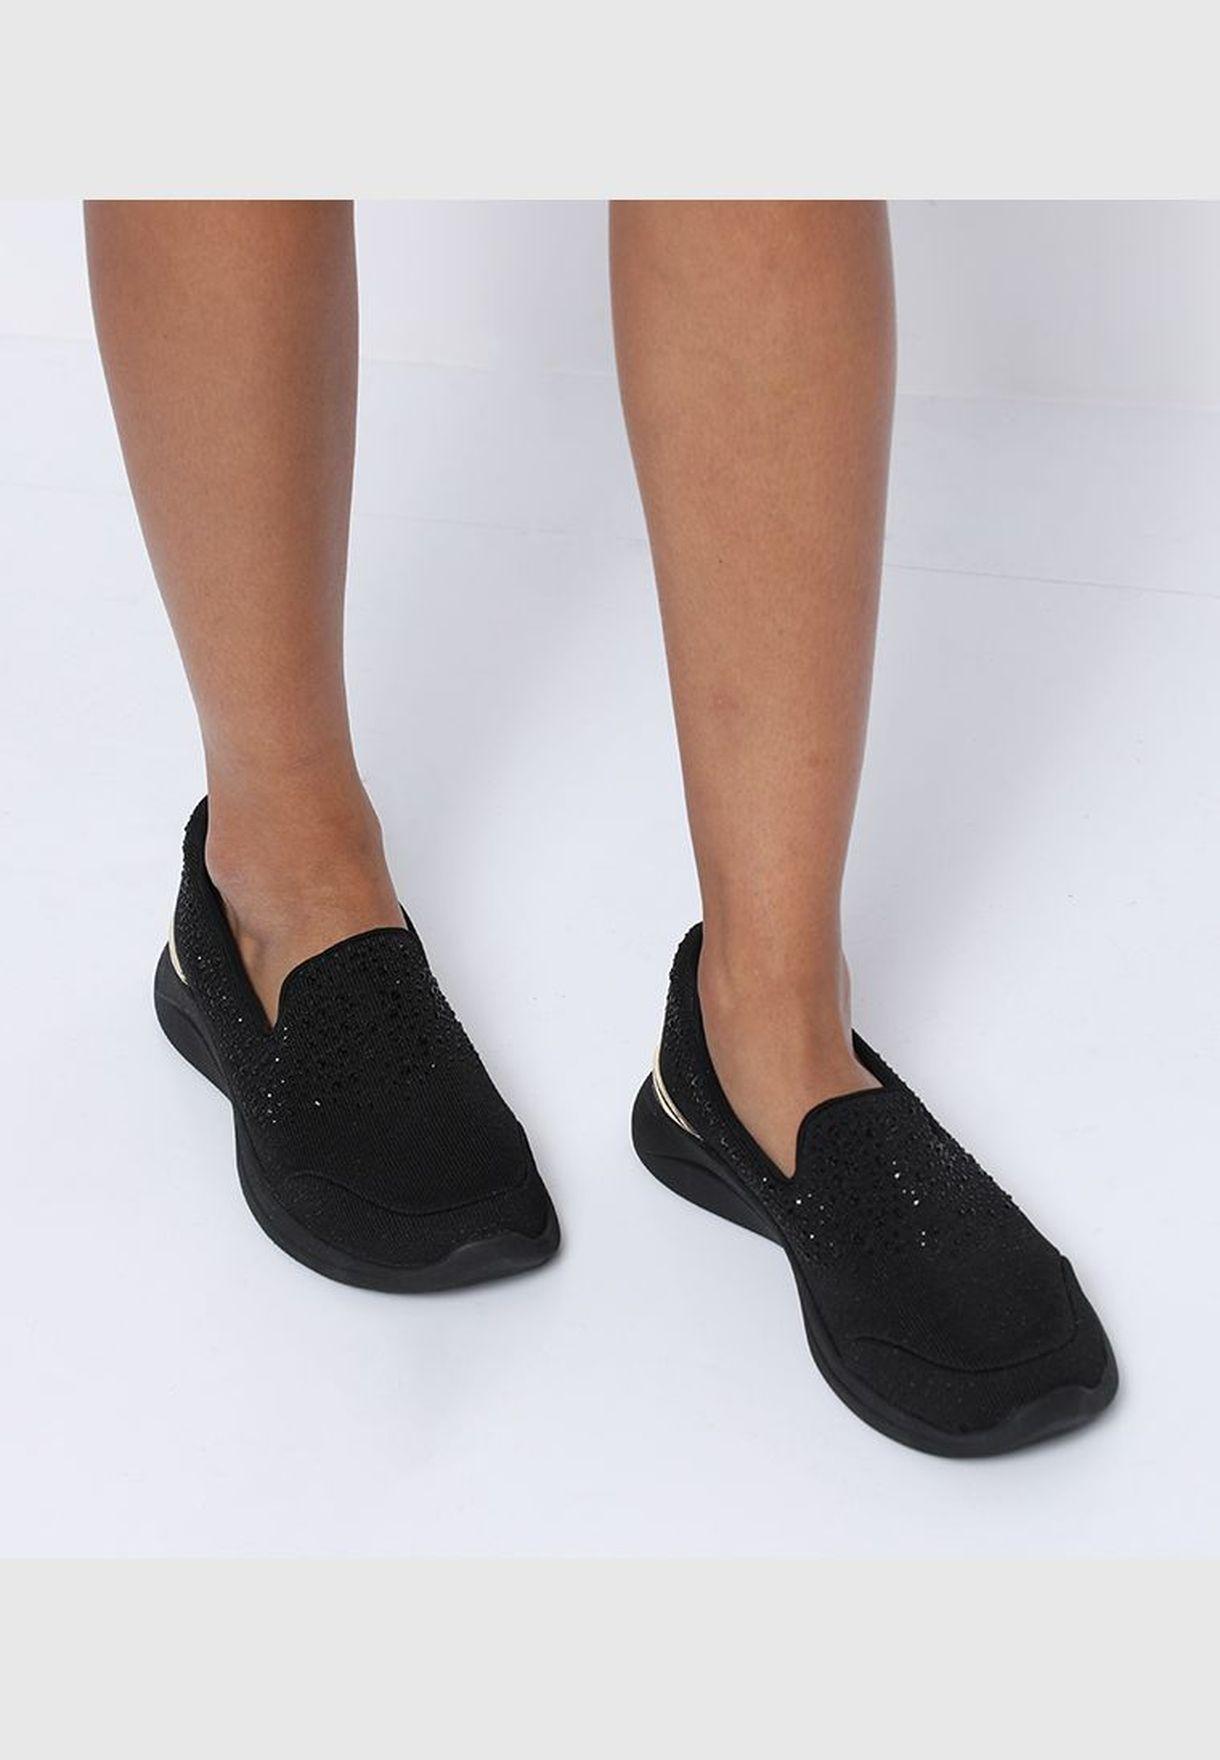 حذاء سهل الإرتداء بلون أسود